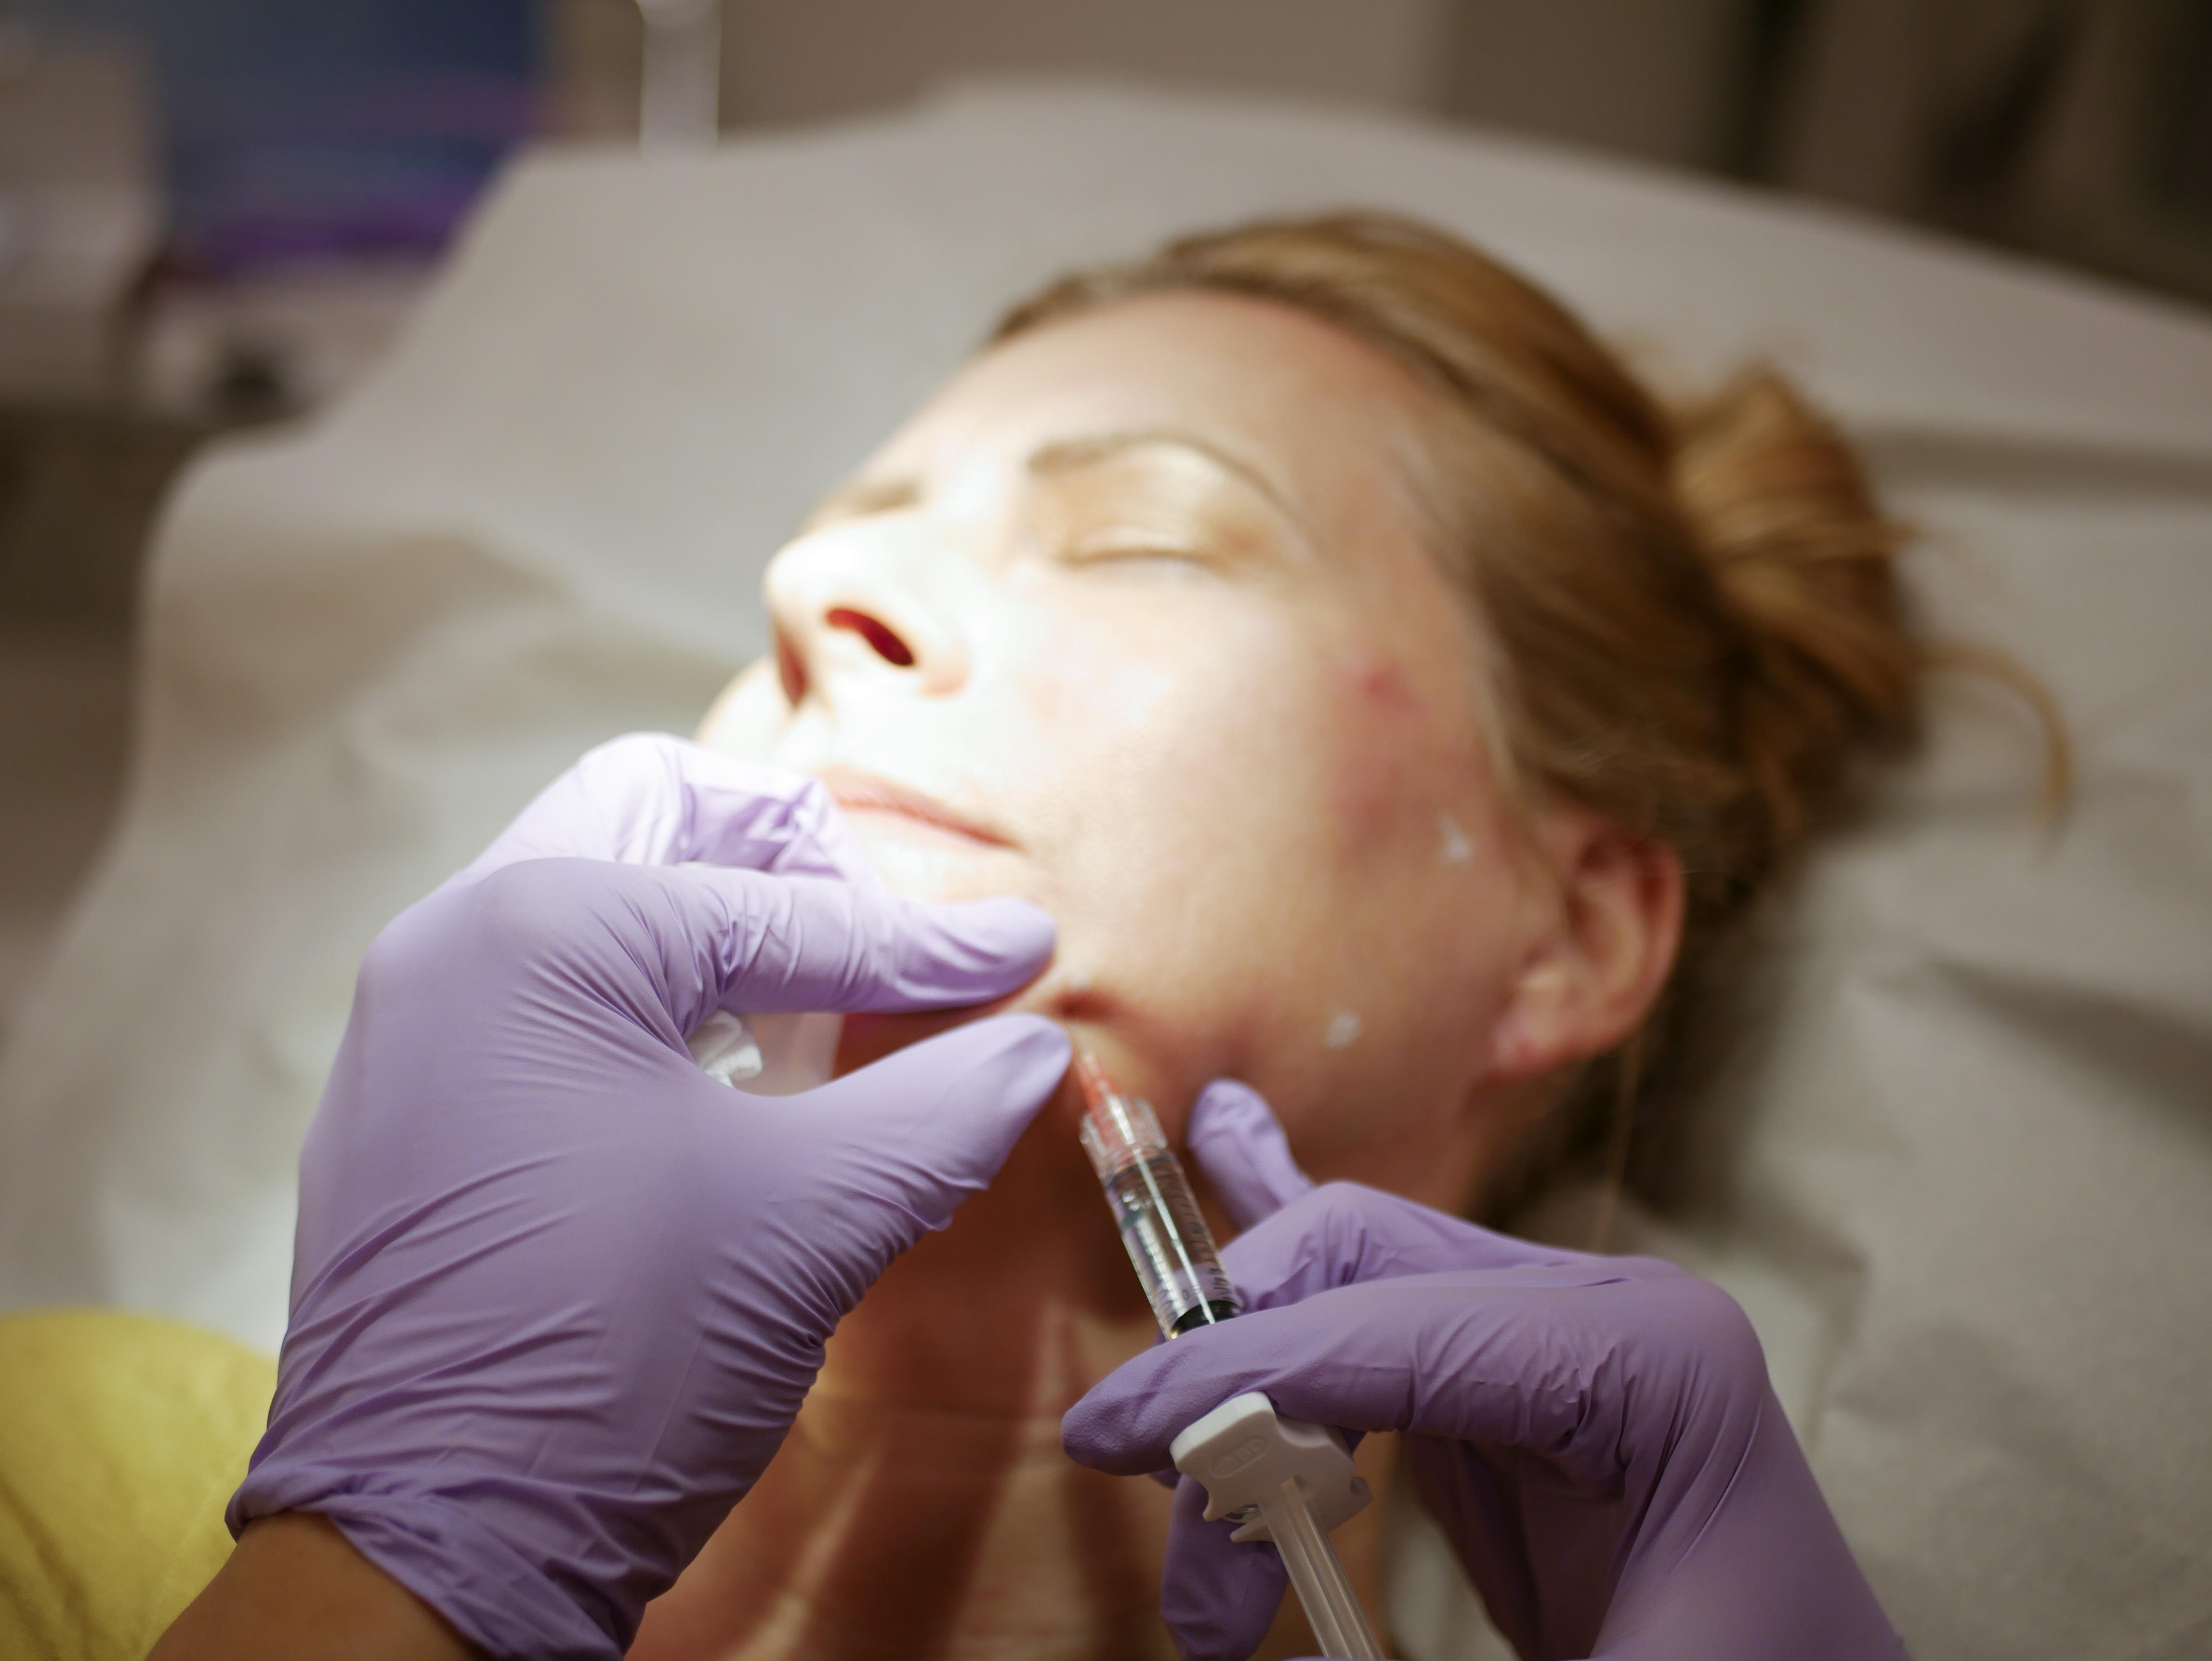 Prophilo är en ny injektionsbehandling baserad på lättflytande hyaluronsyra där man behandlar på fem specifikt uträknade punkter.